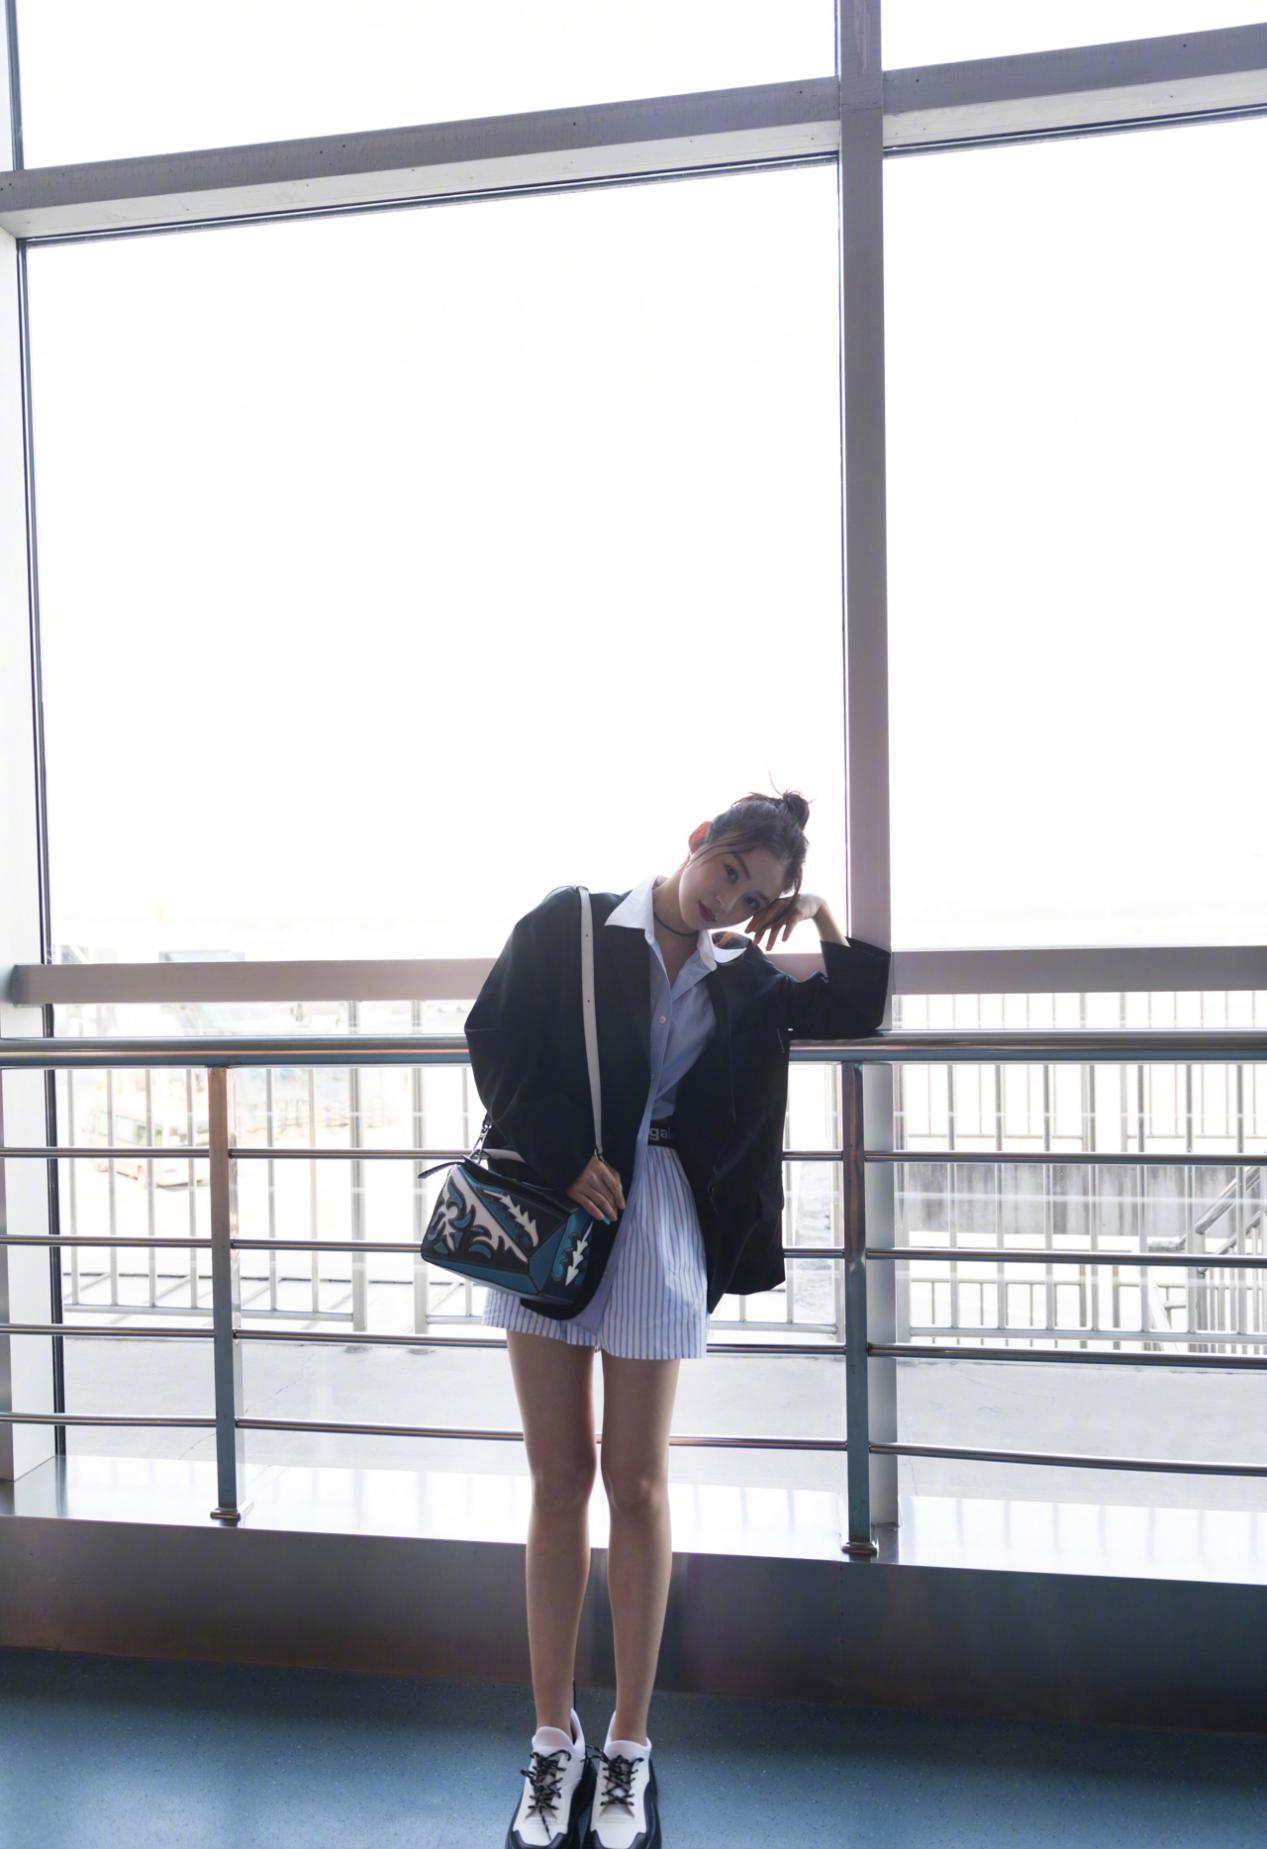 袁姗姗的日常穿搭风格太美了,条纹衬衫这么穿,气质真的是绝佳